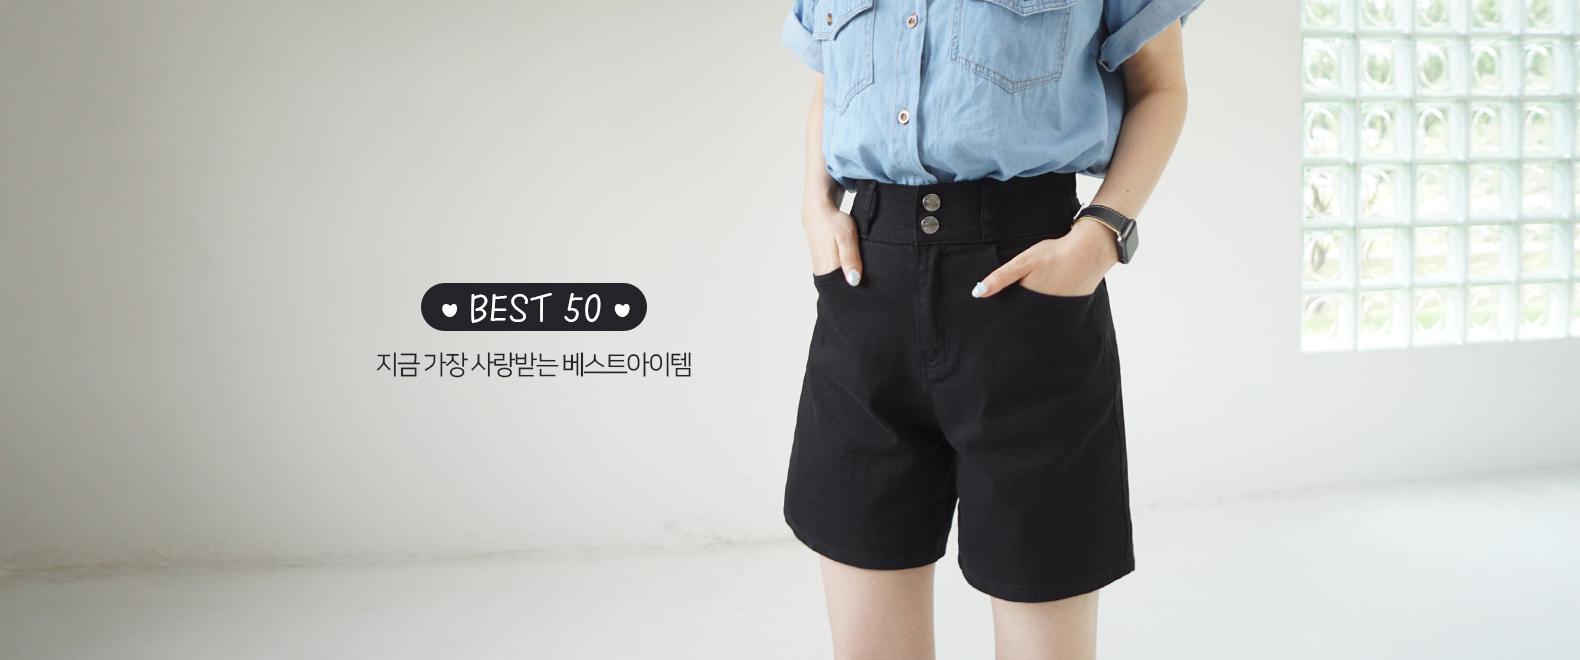 베스트50